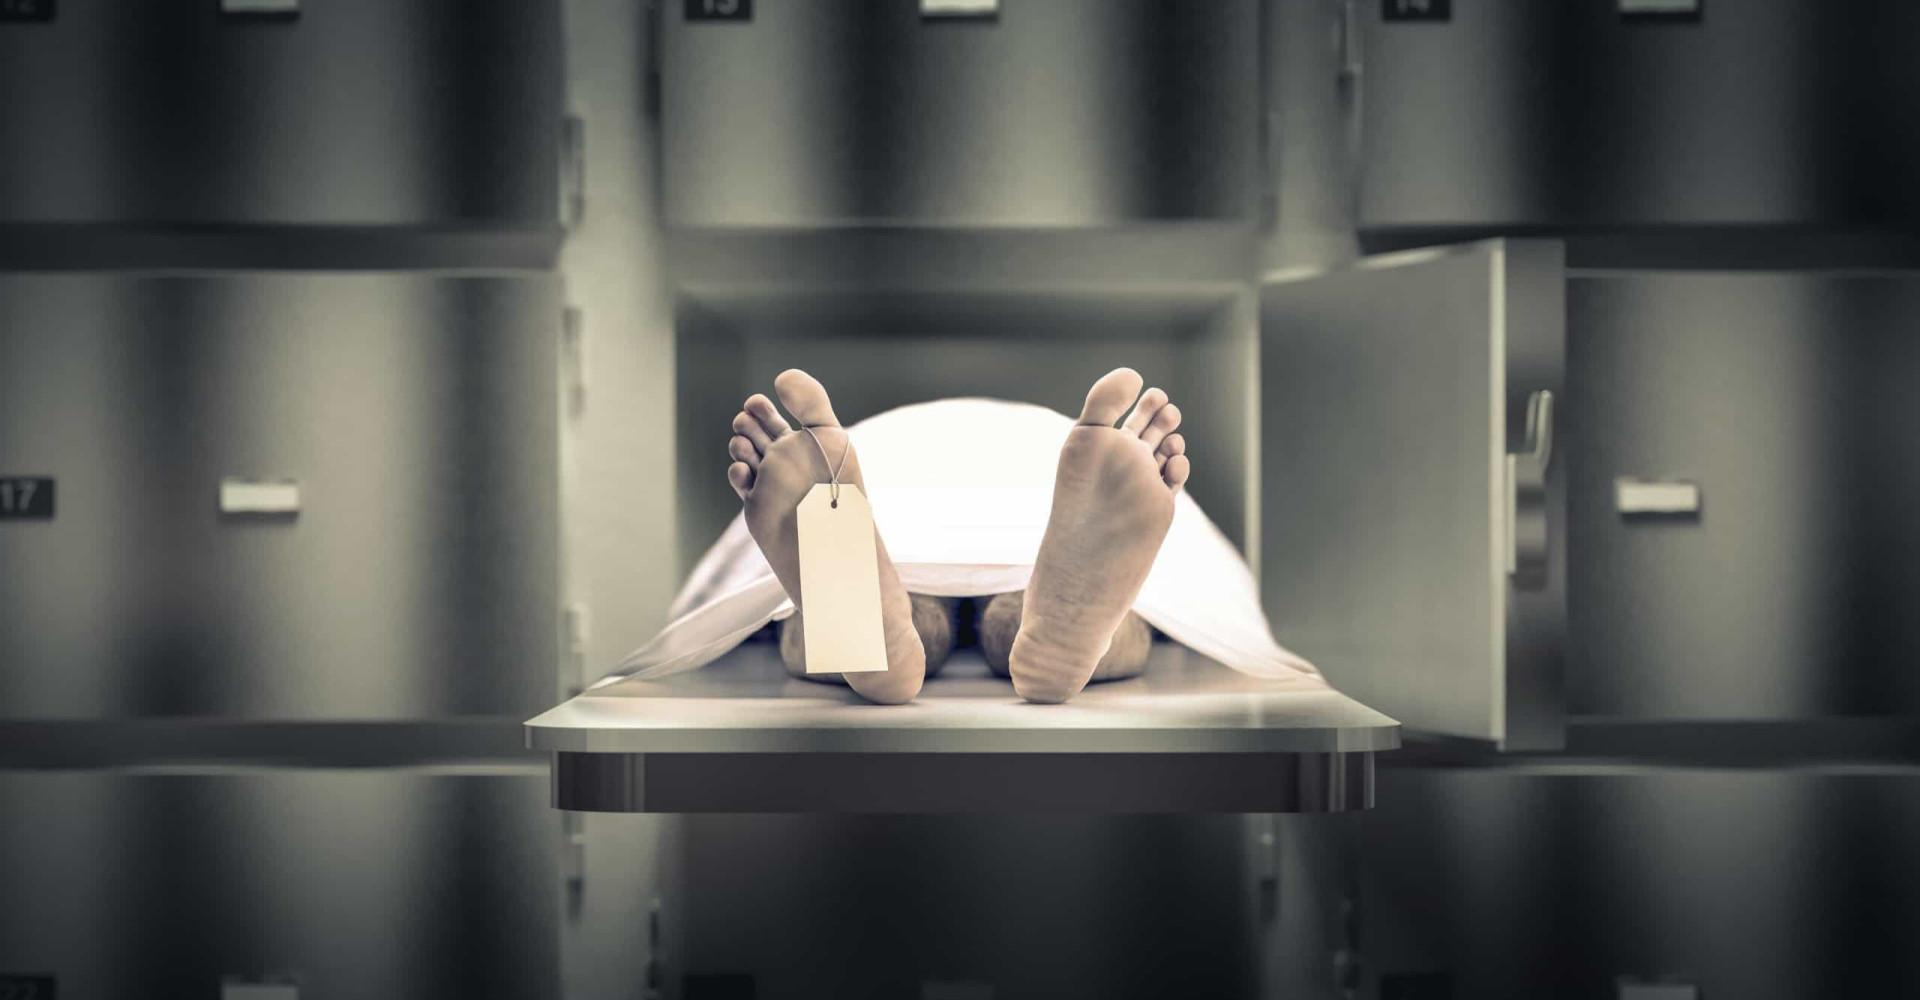 죽기 직전에 우리 몸에 일어나는 이상한 일들